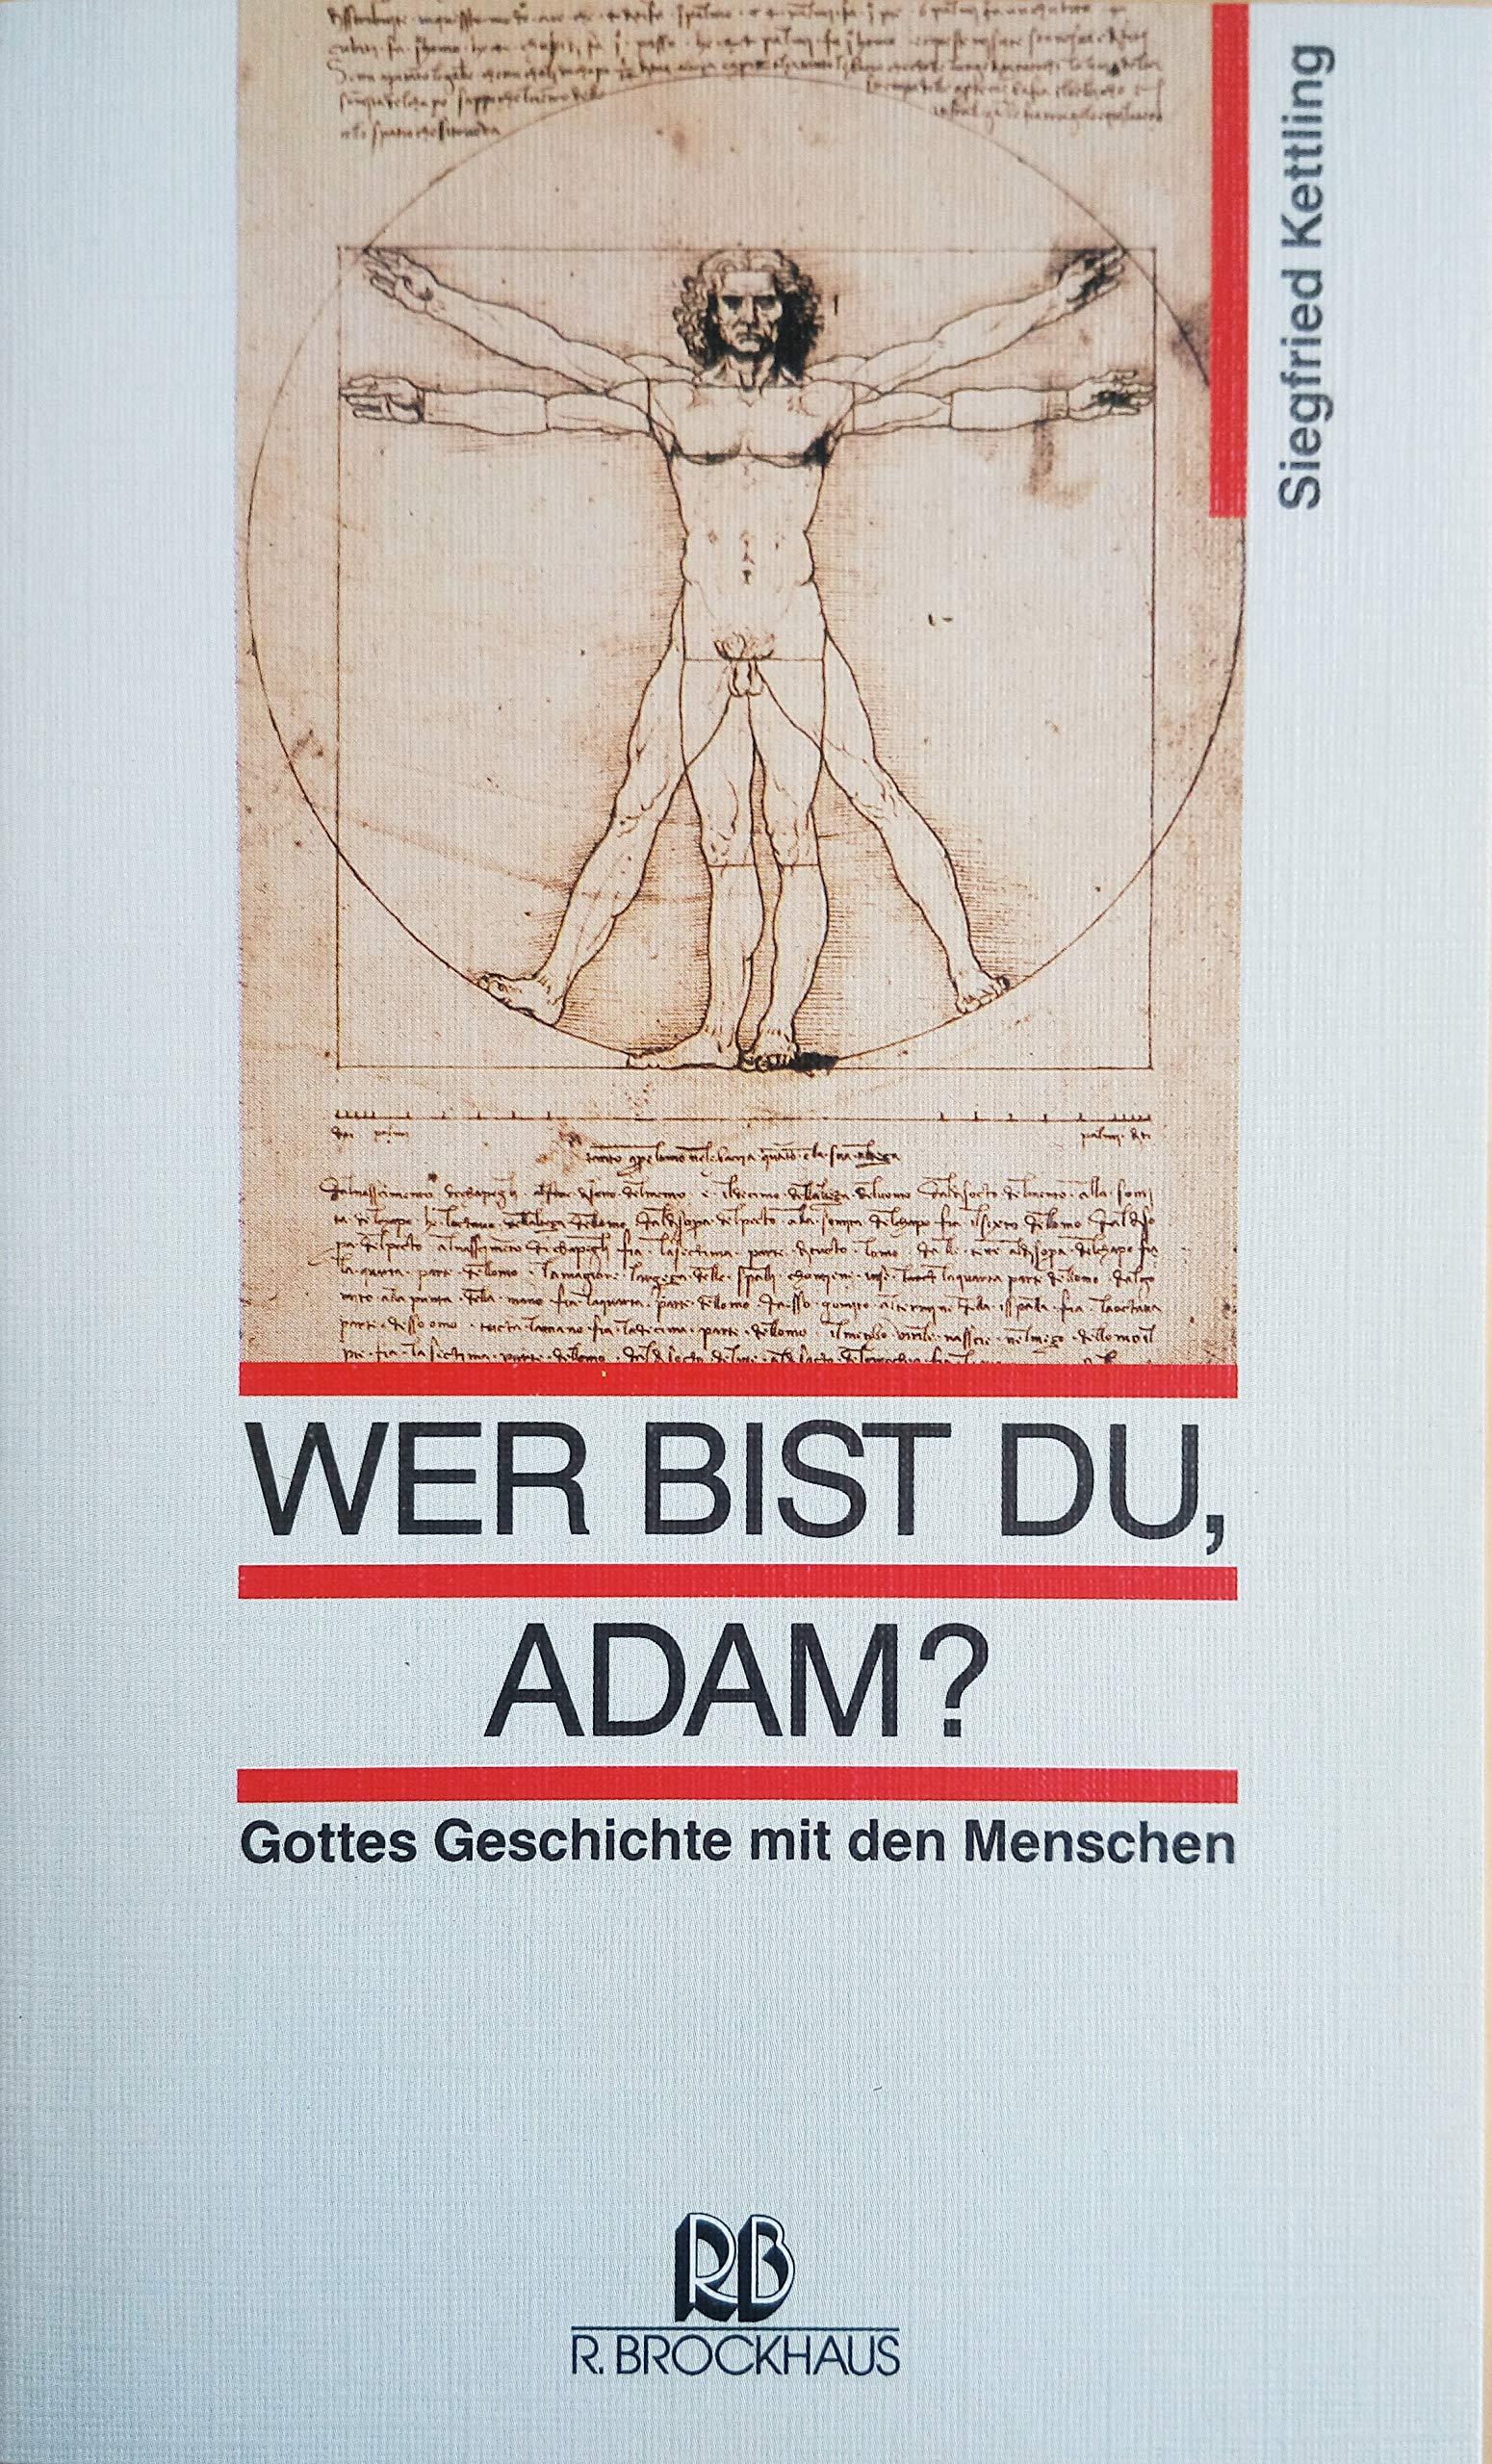 Wer bist du, Adam? Gottes Geschichte mit den Menschen